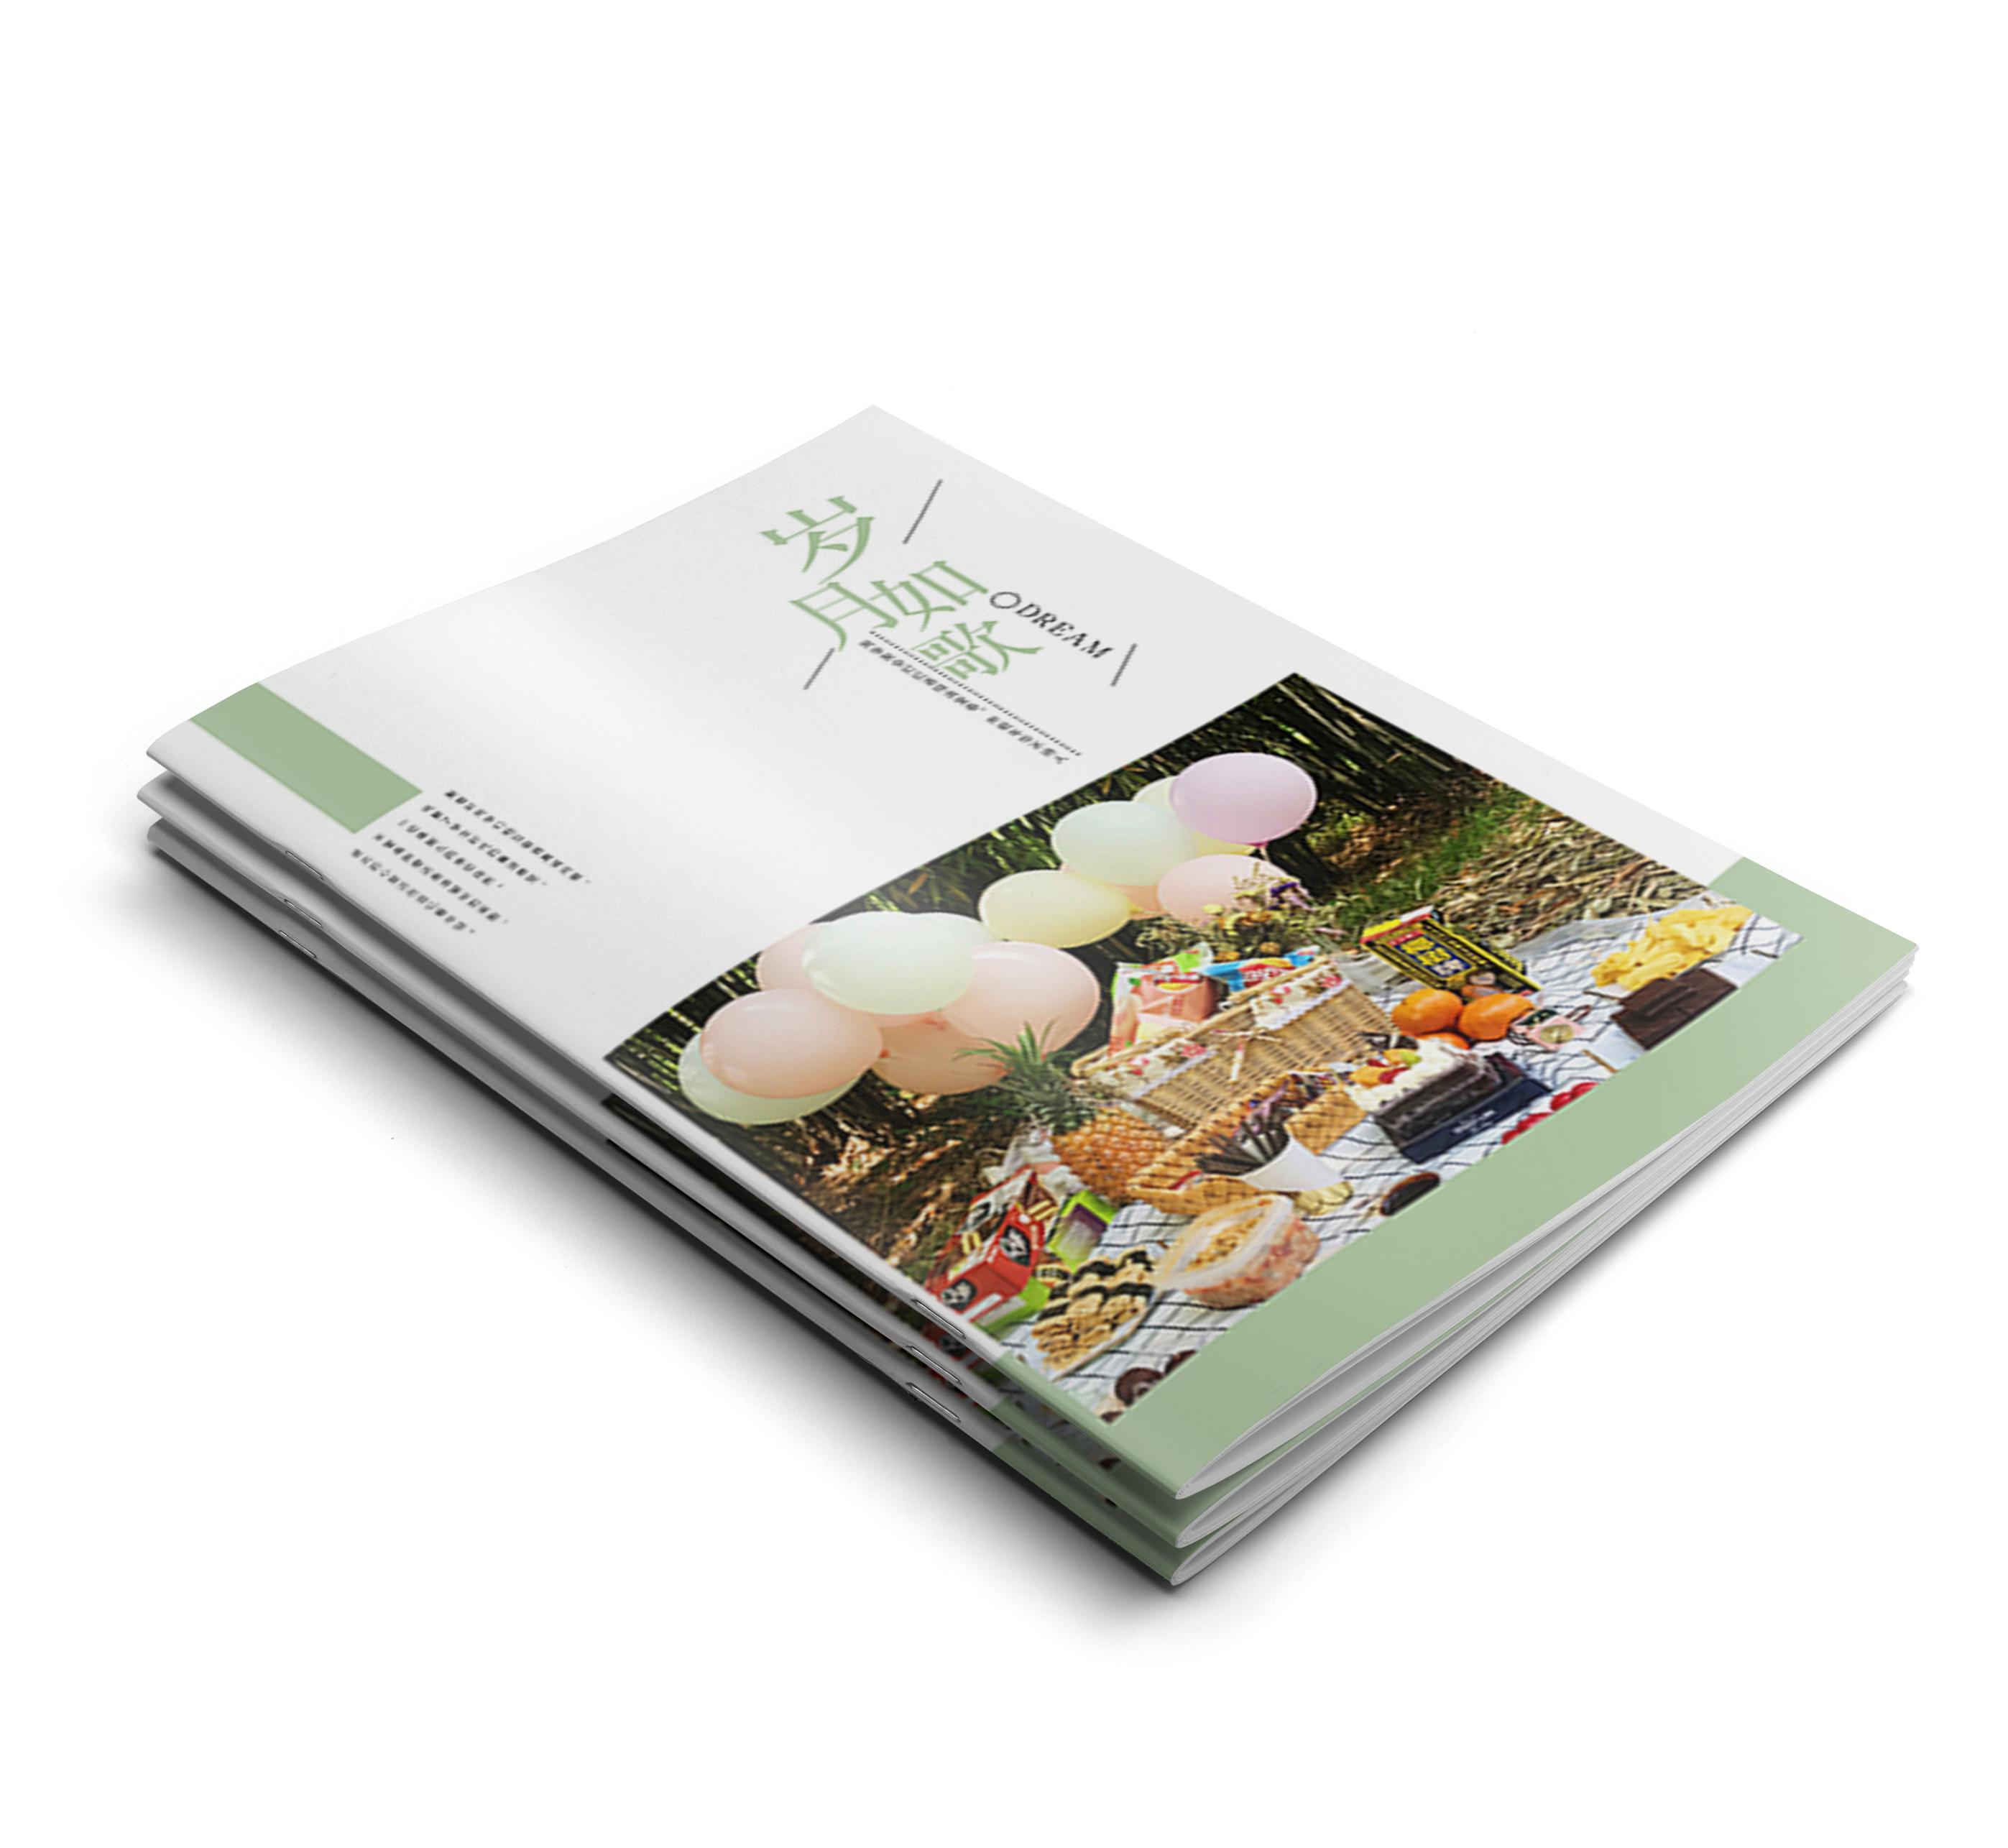 聚会纪念册 经典杂志册 聚会相册 DIY照片书——河北领秀云印刷